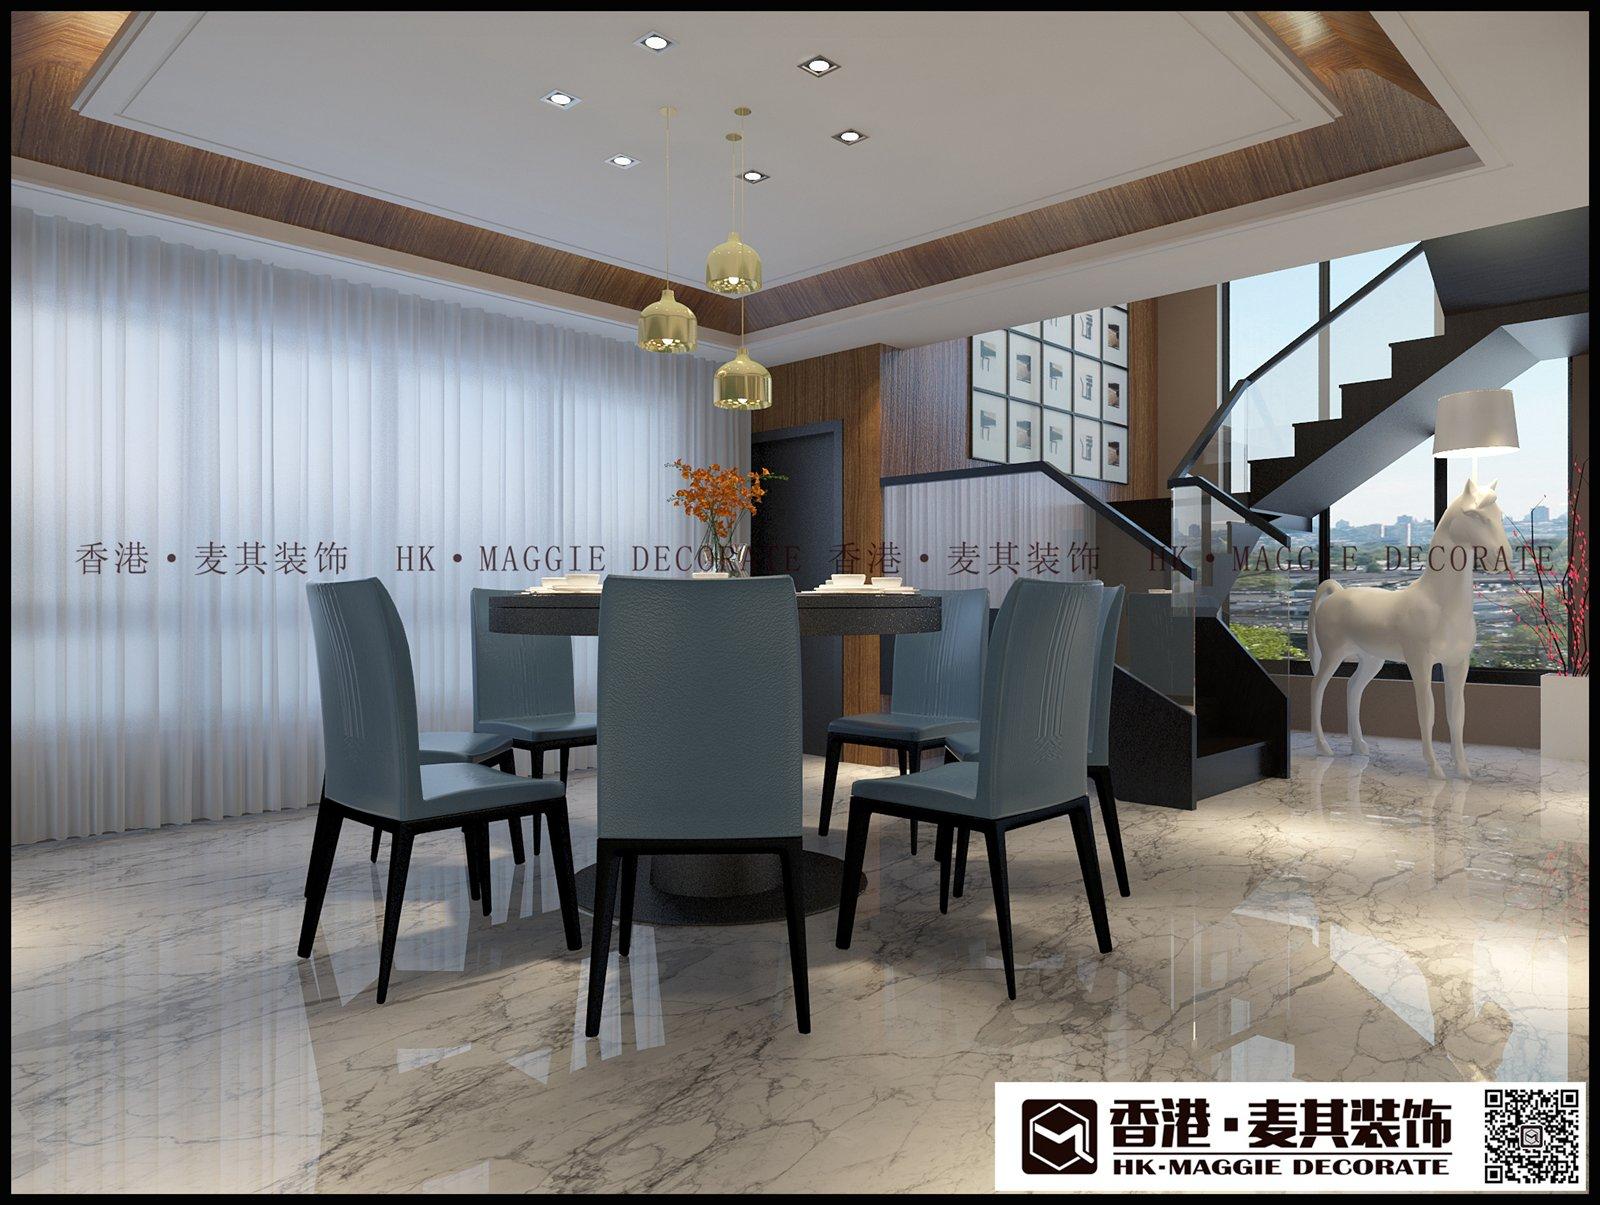 香港麦其装饰案例